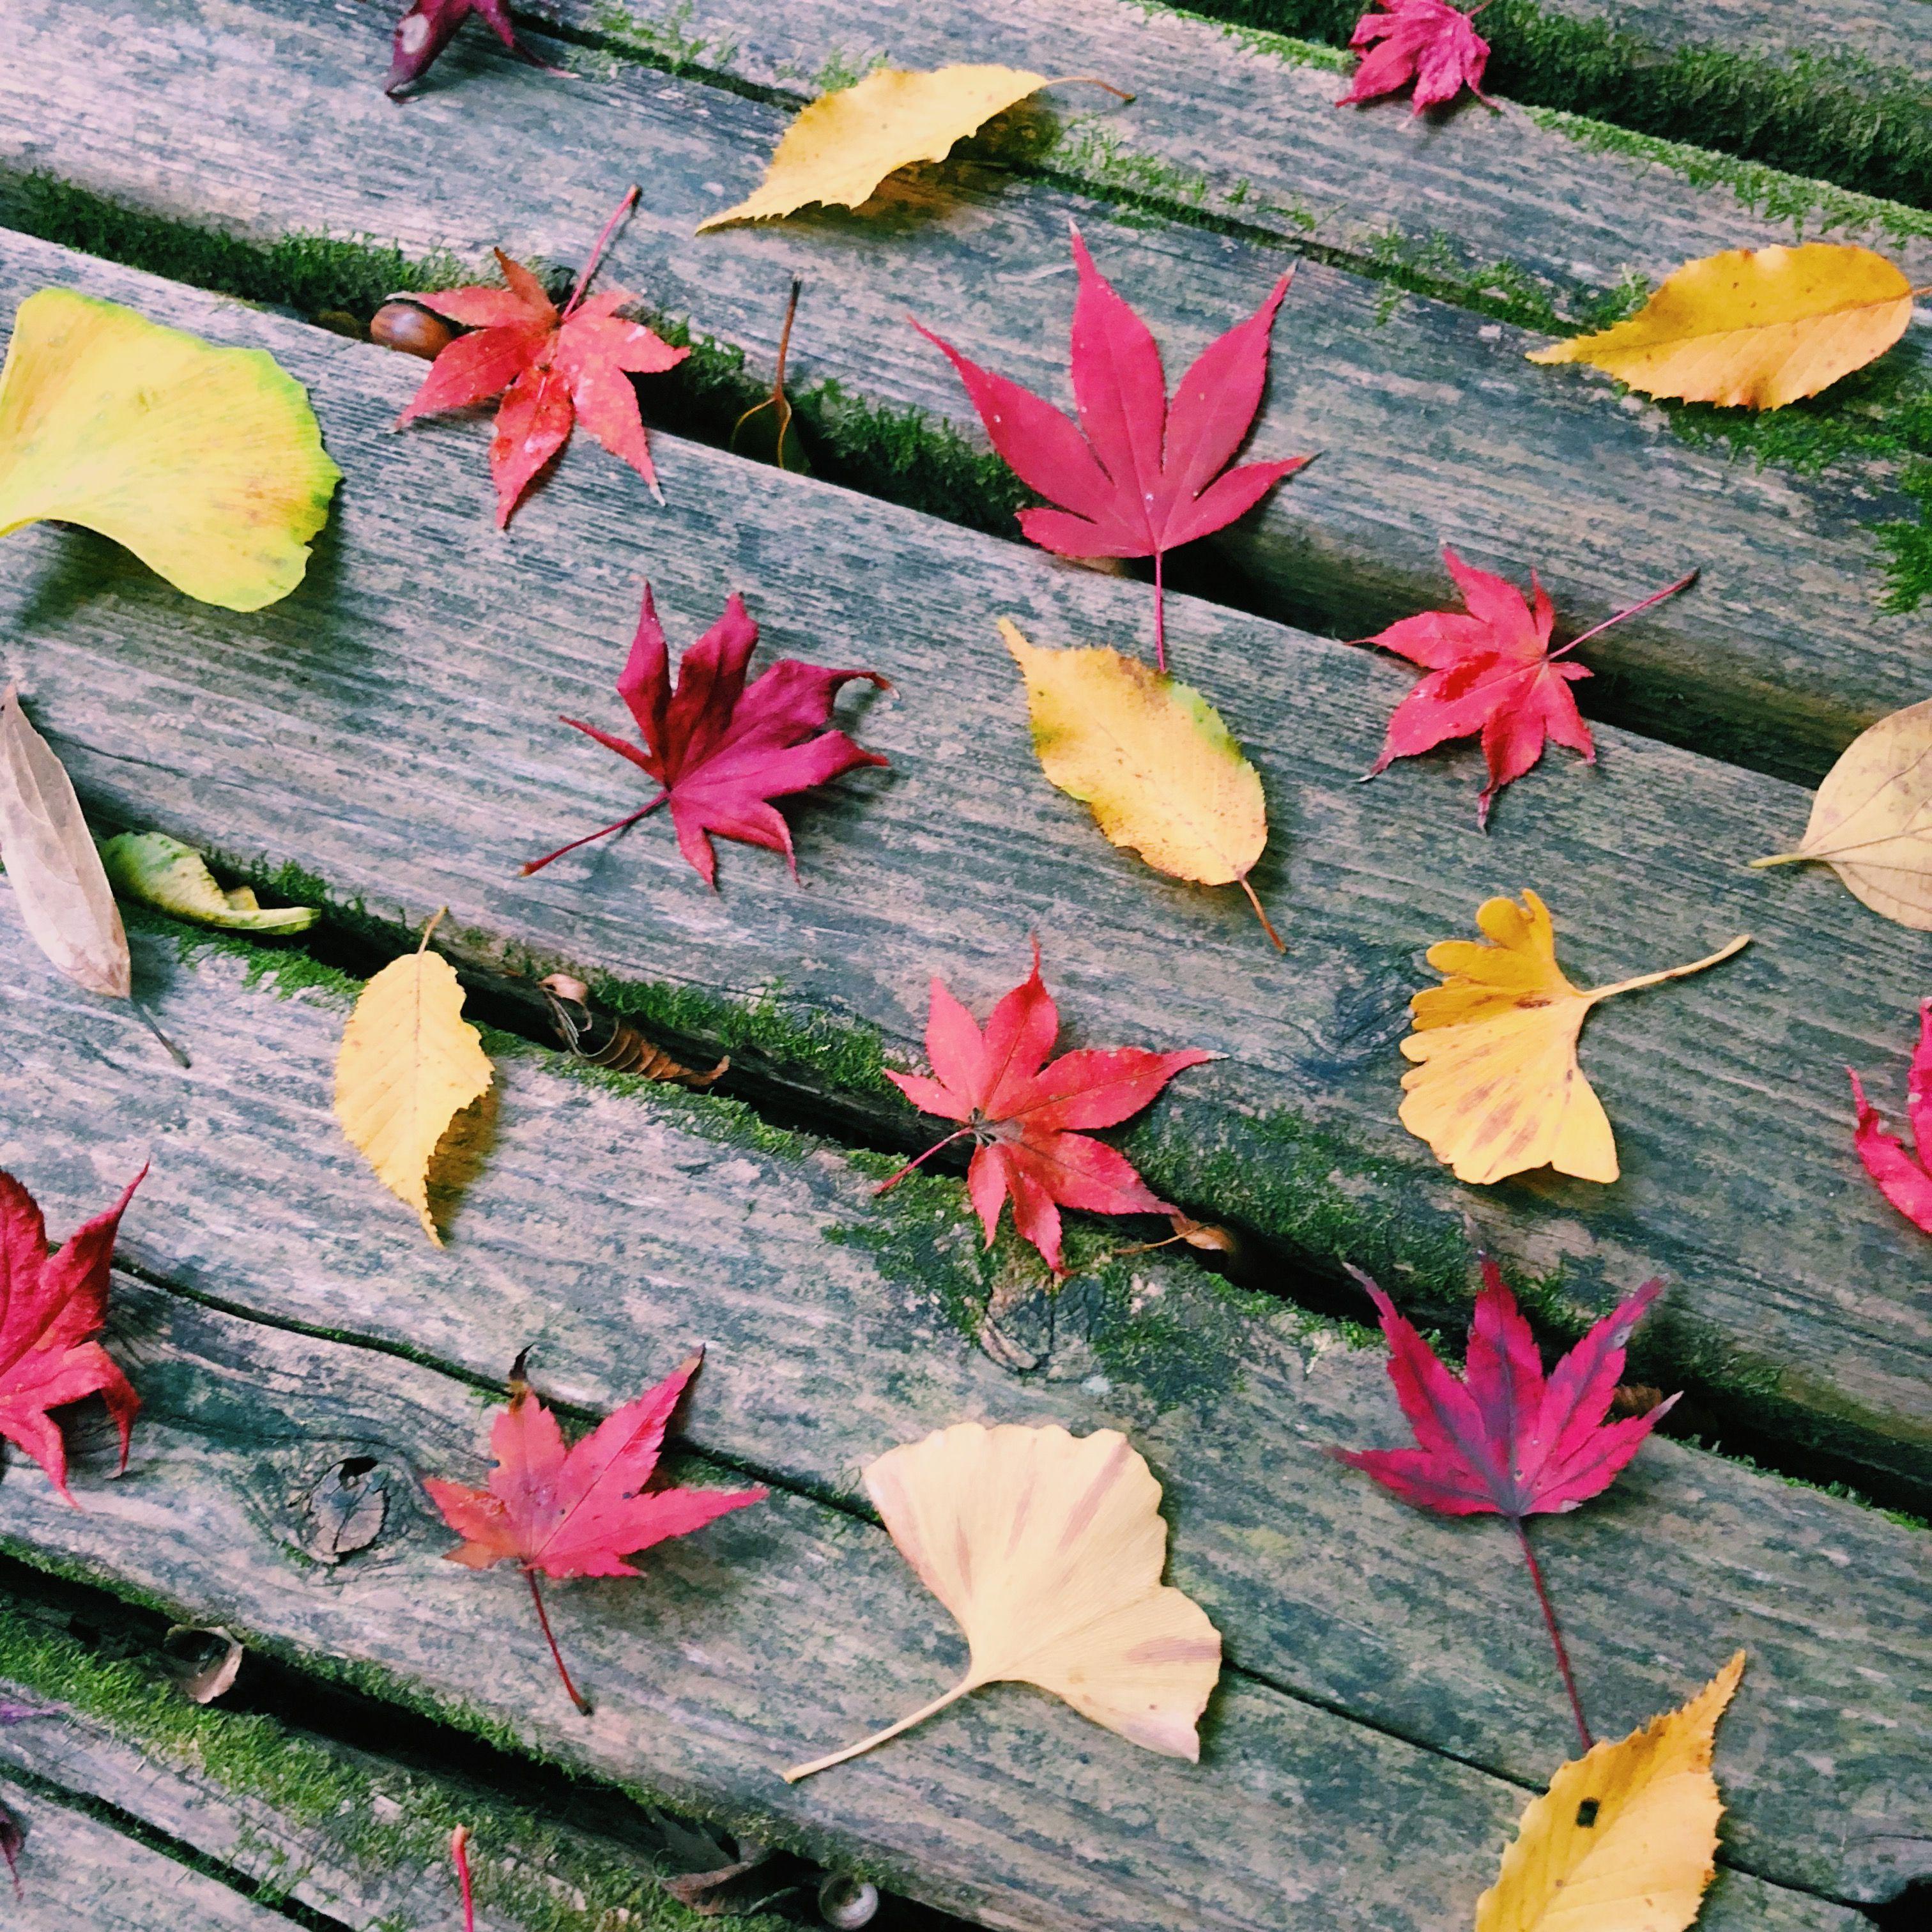 ベンチの上に並べられた紅葉